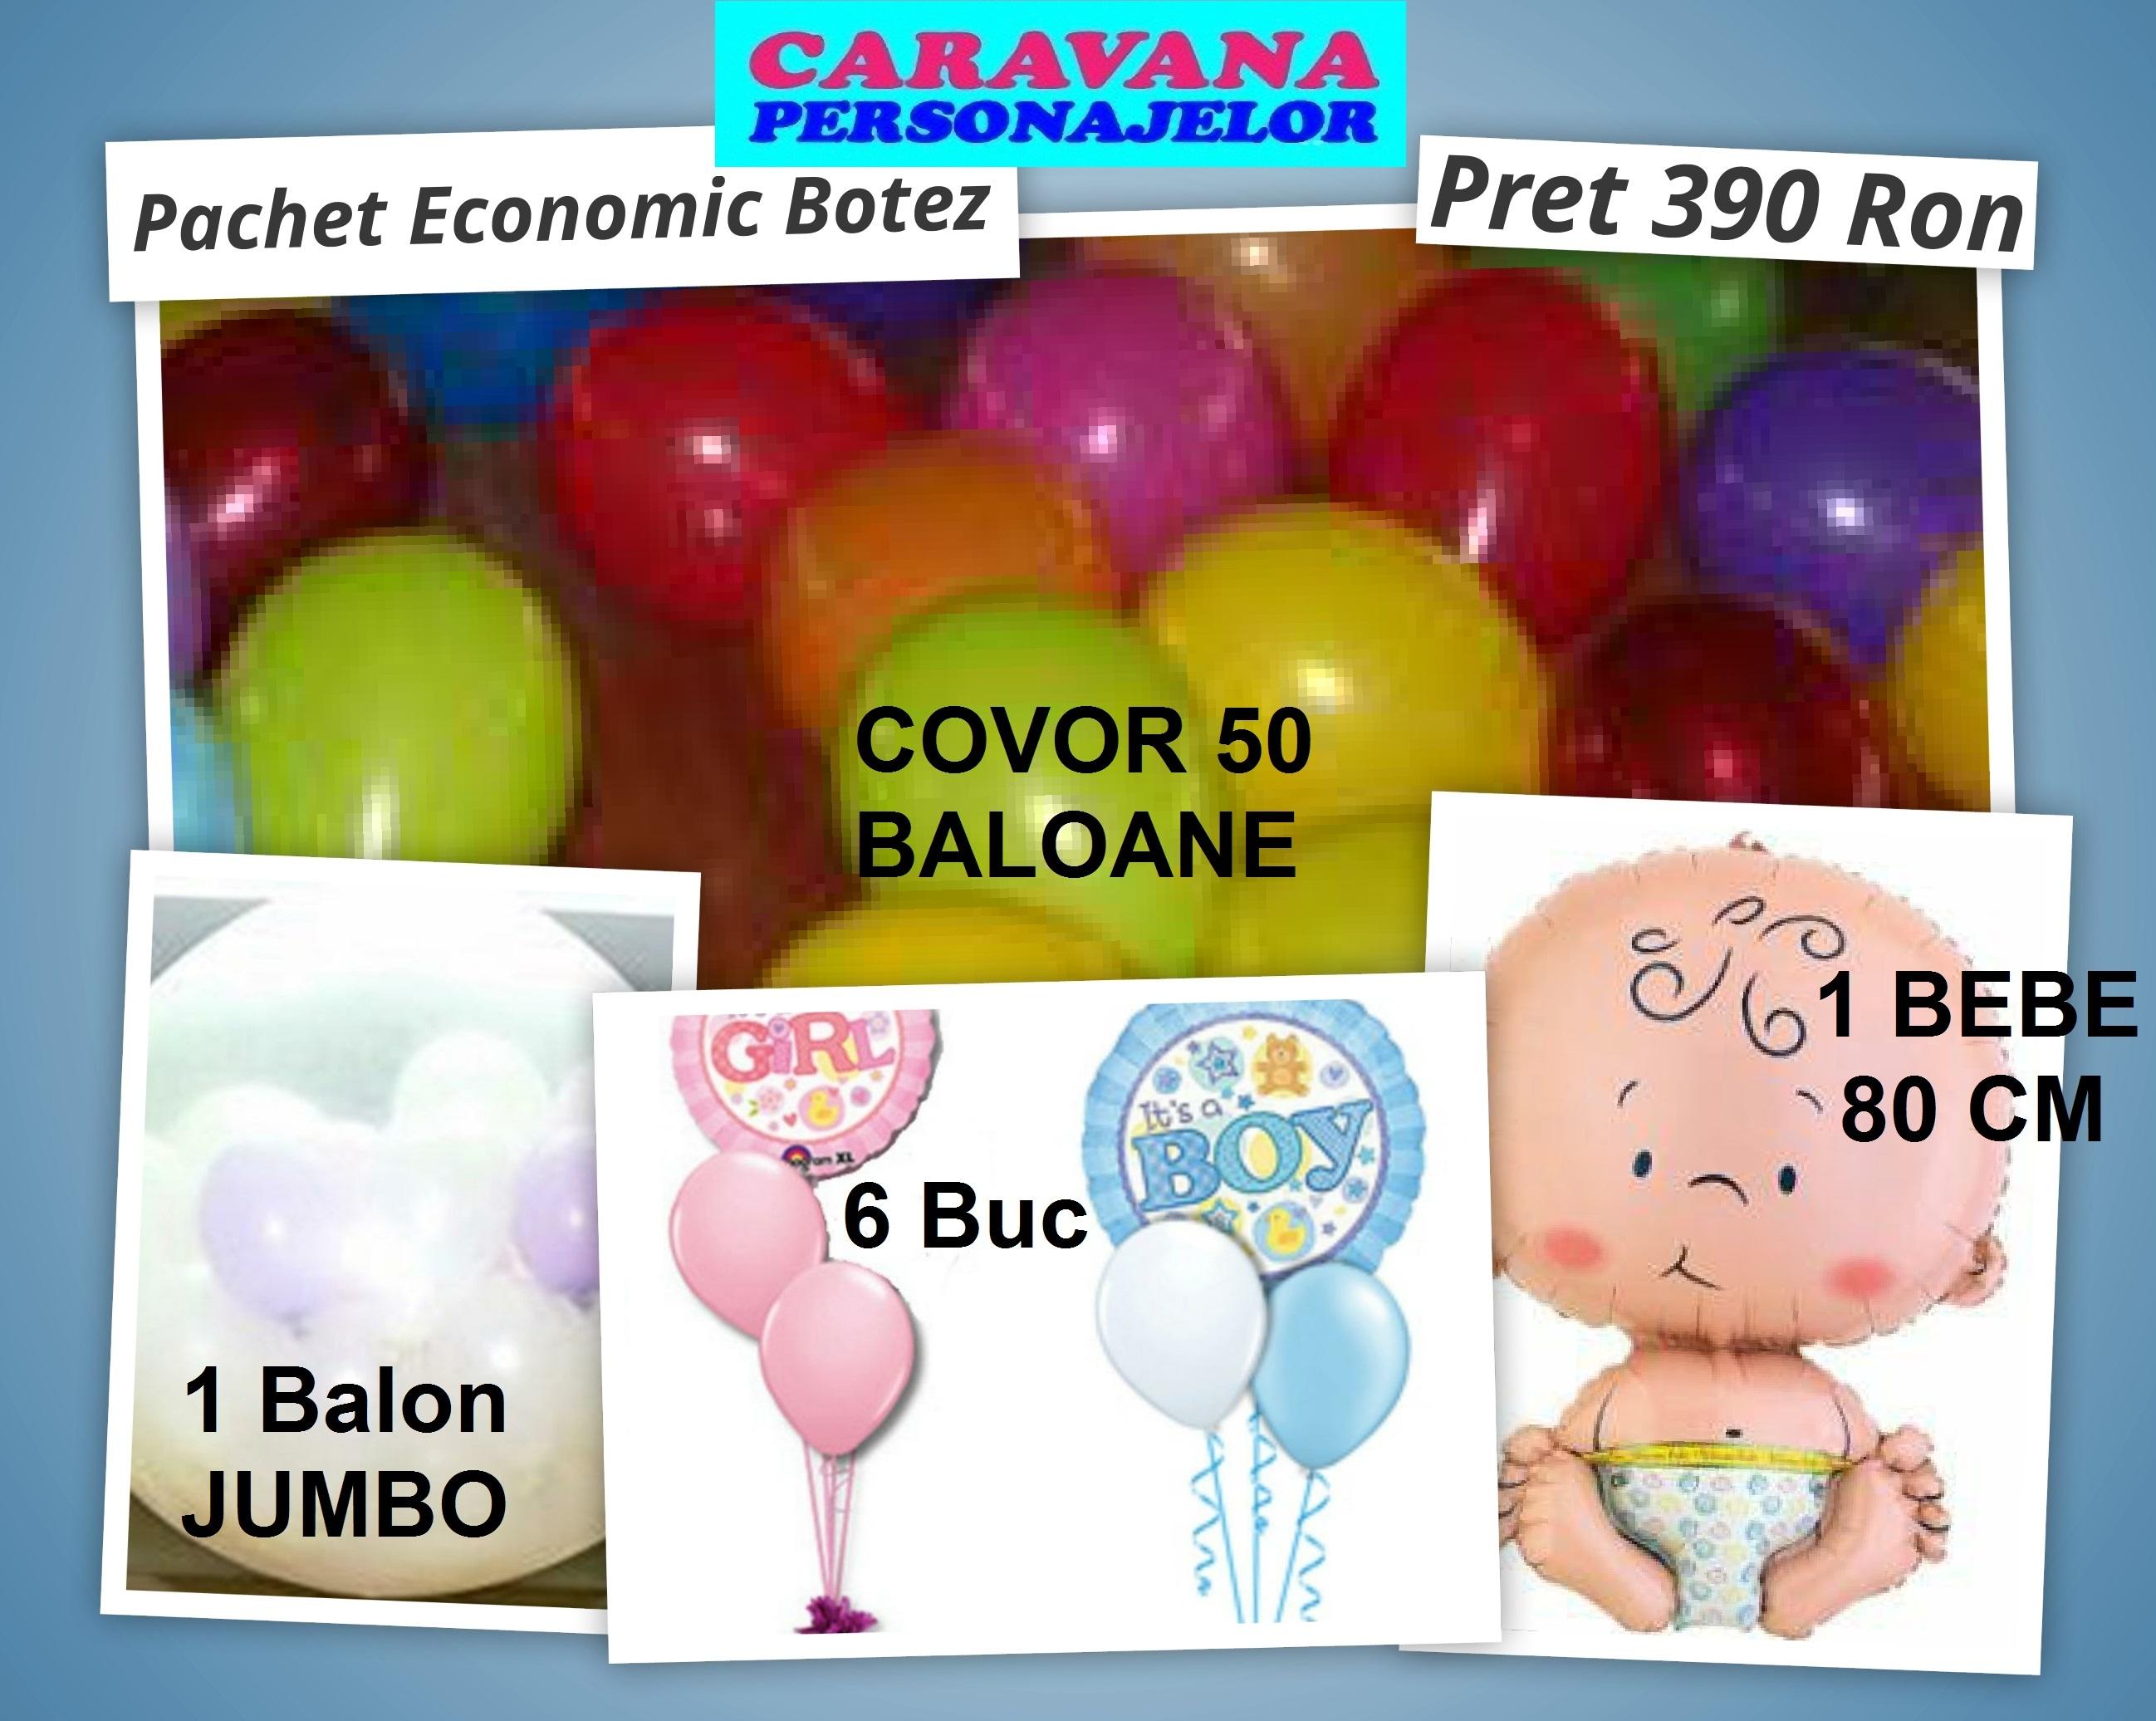 BALOANE pachet BOTEZ economic